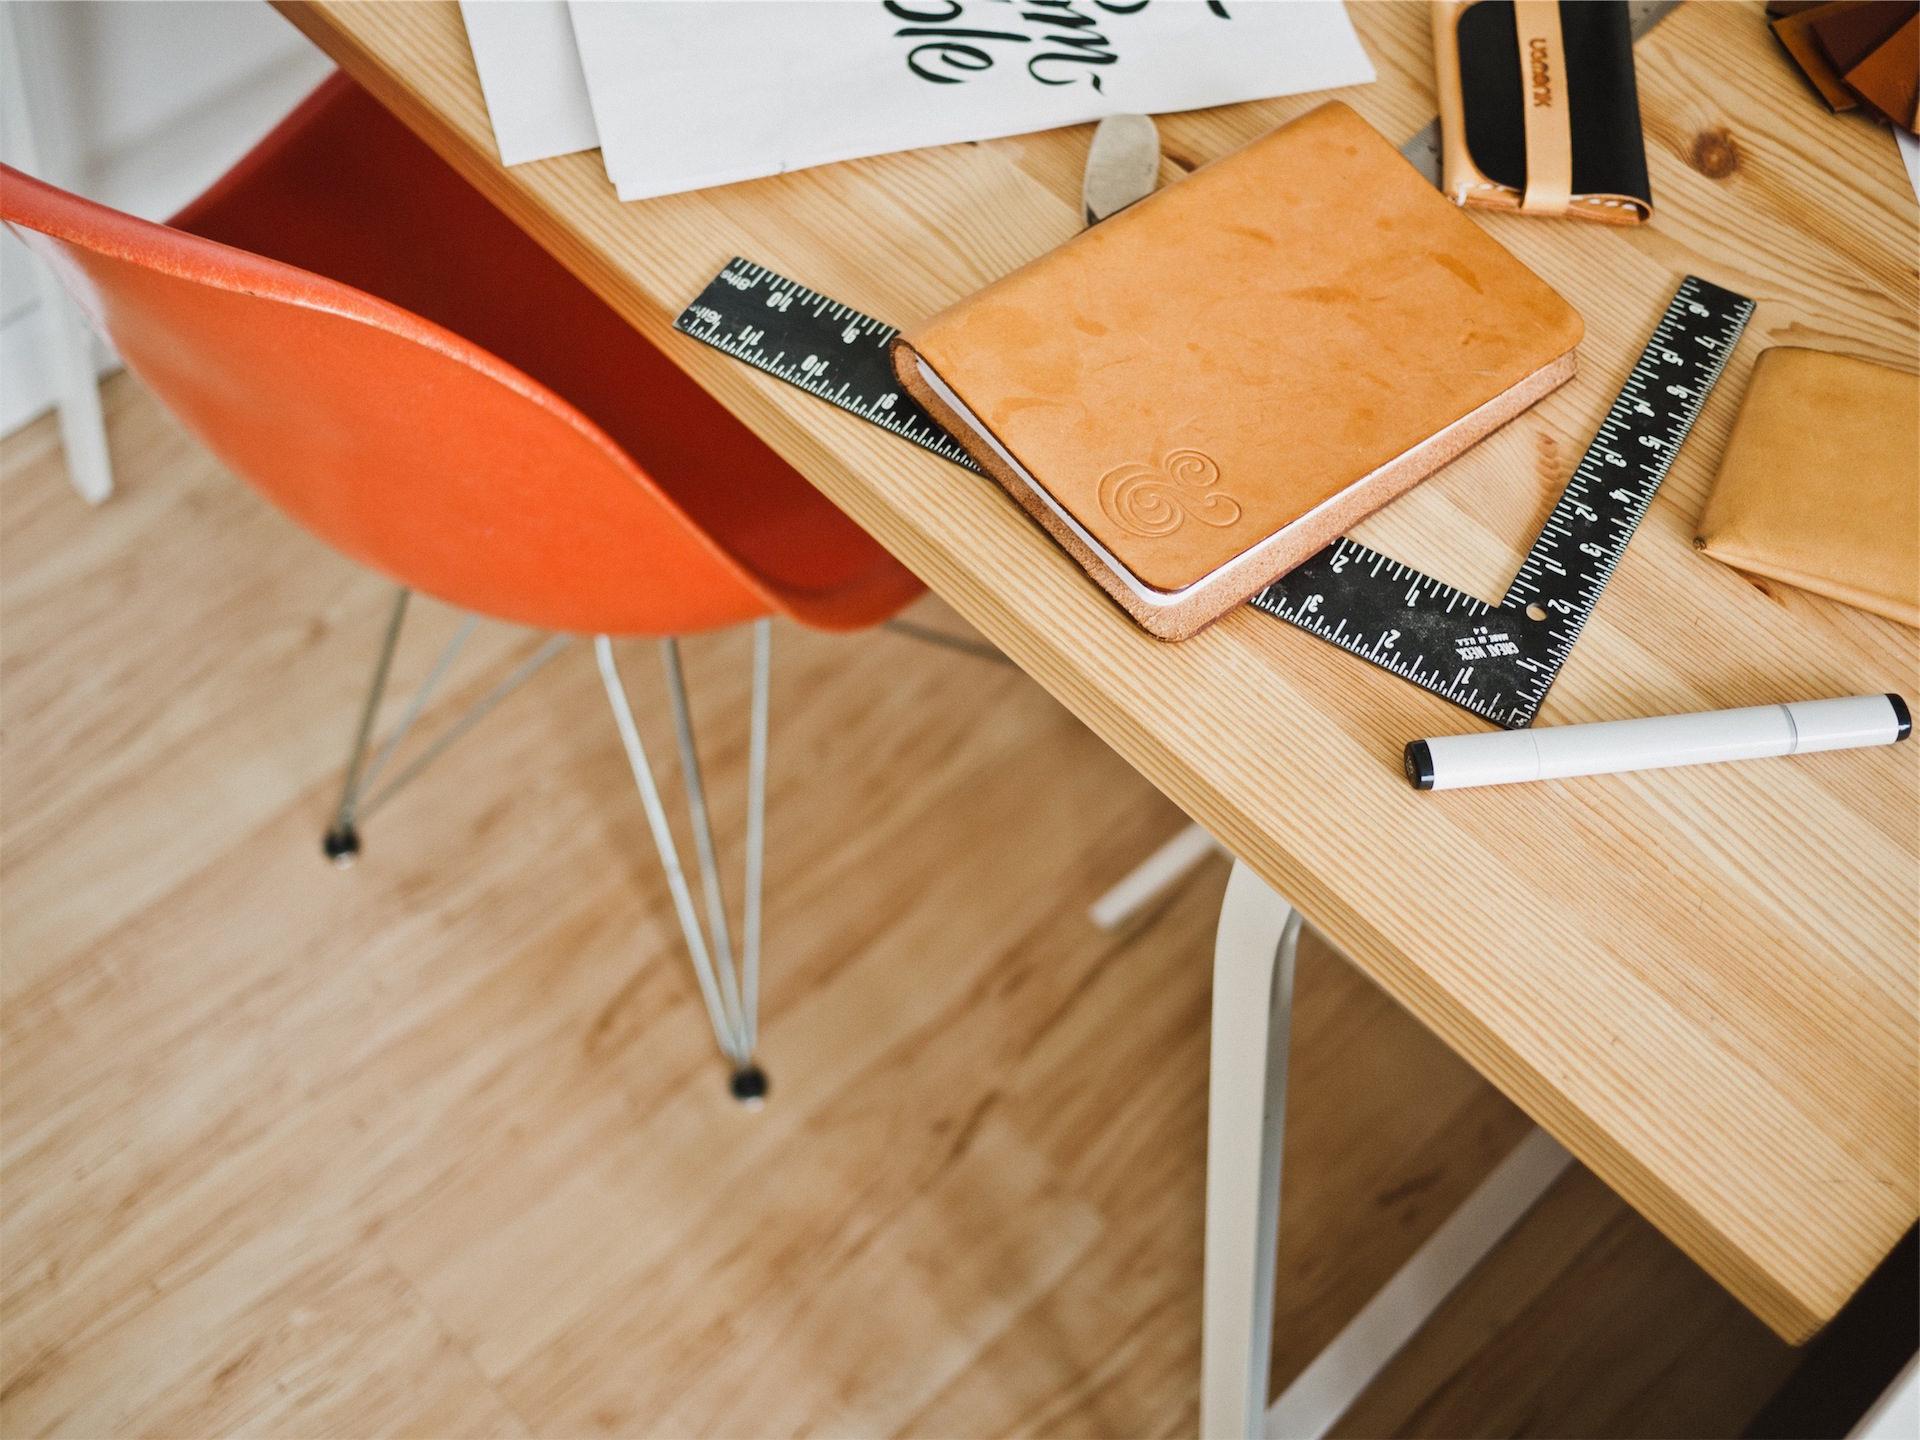 Рабочий стол, Кресло, Таблица, Блокнот, правило - Обои HD - Профессор falken.com